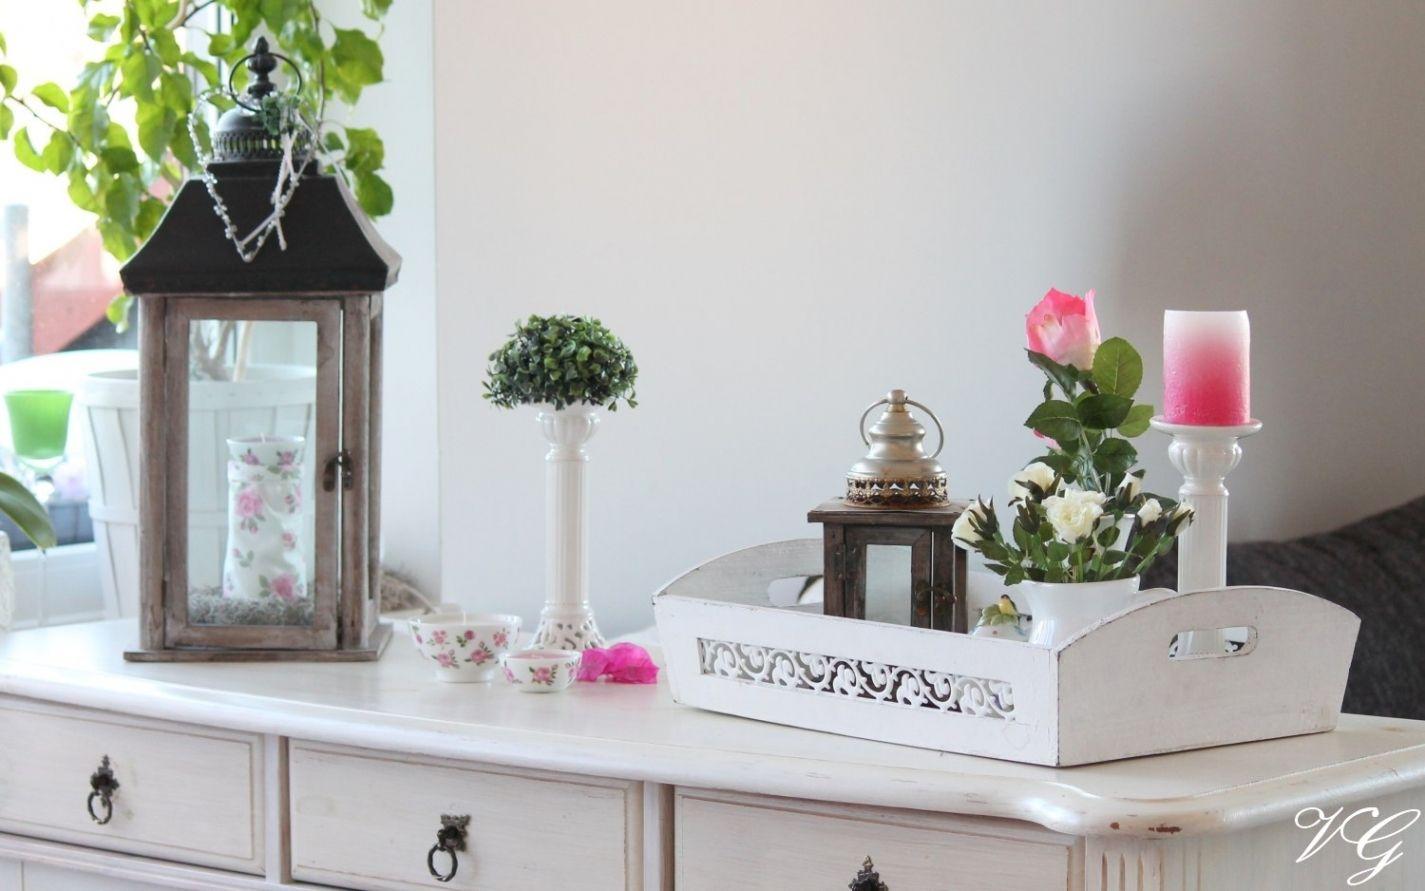 Deko kommode wohnzimmer  Elegant Deko Kommode Wohnzimmer | Wohnzimmer deko | Pinterest